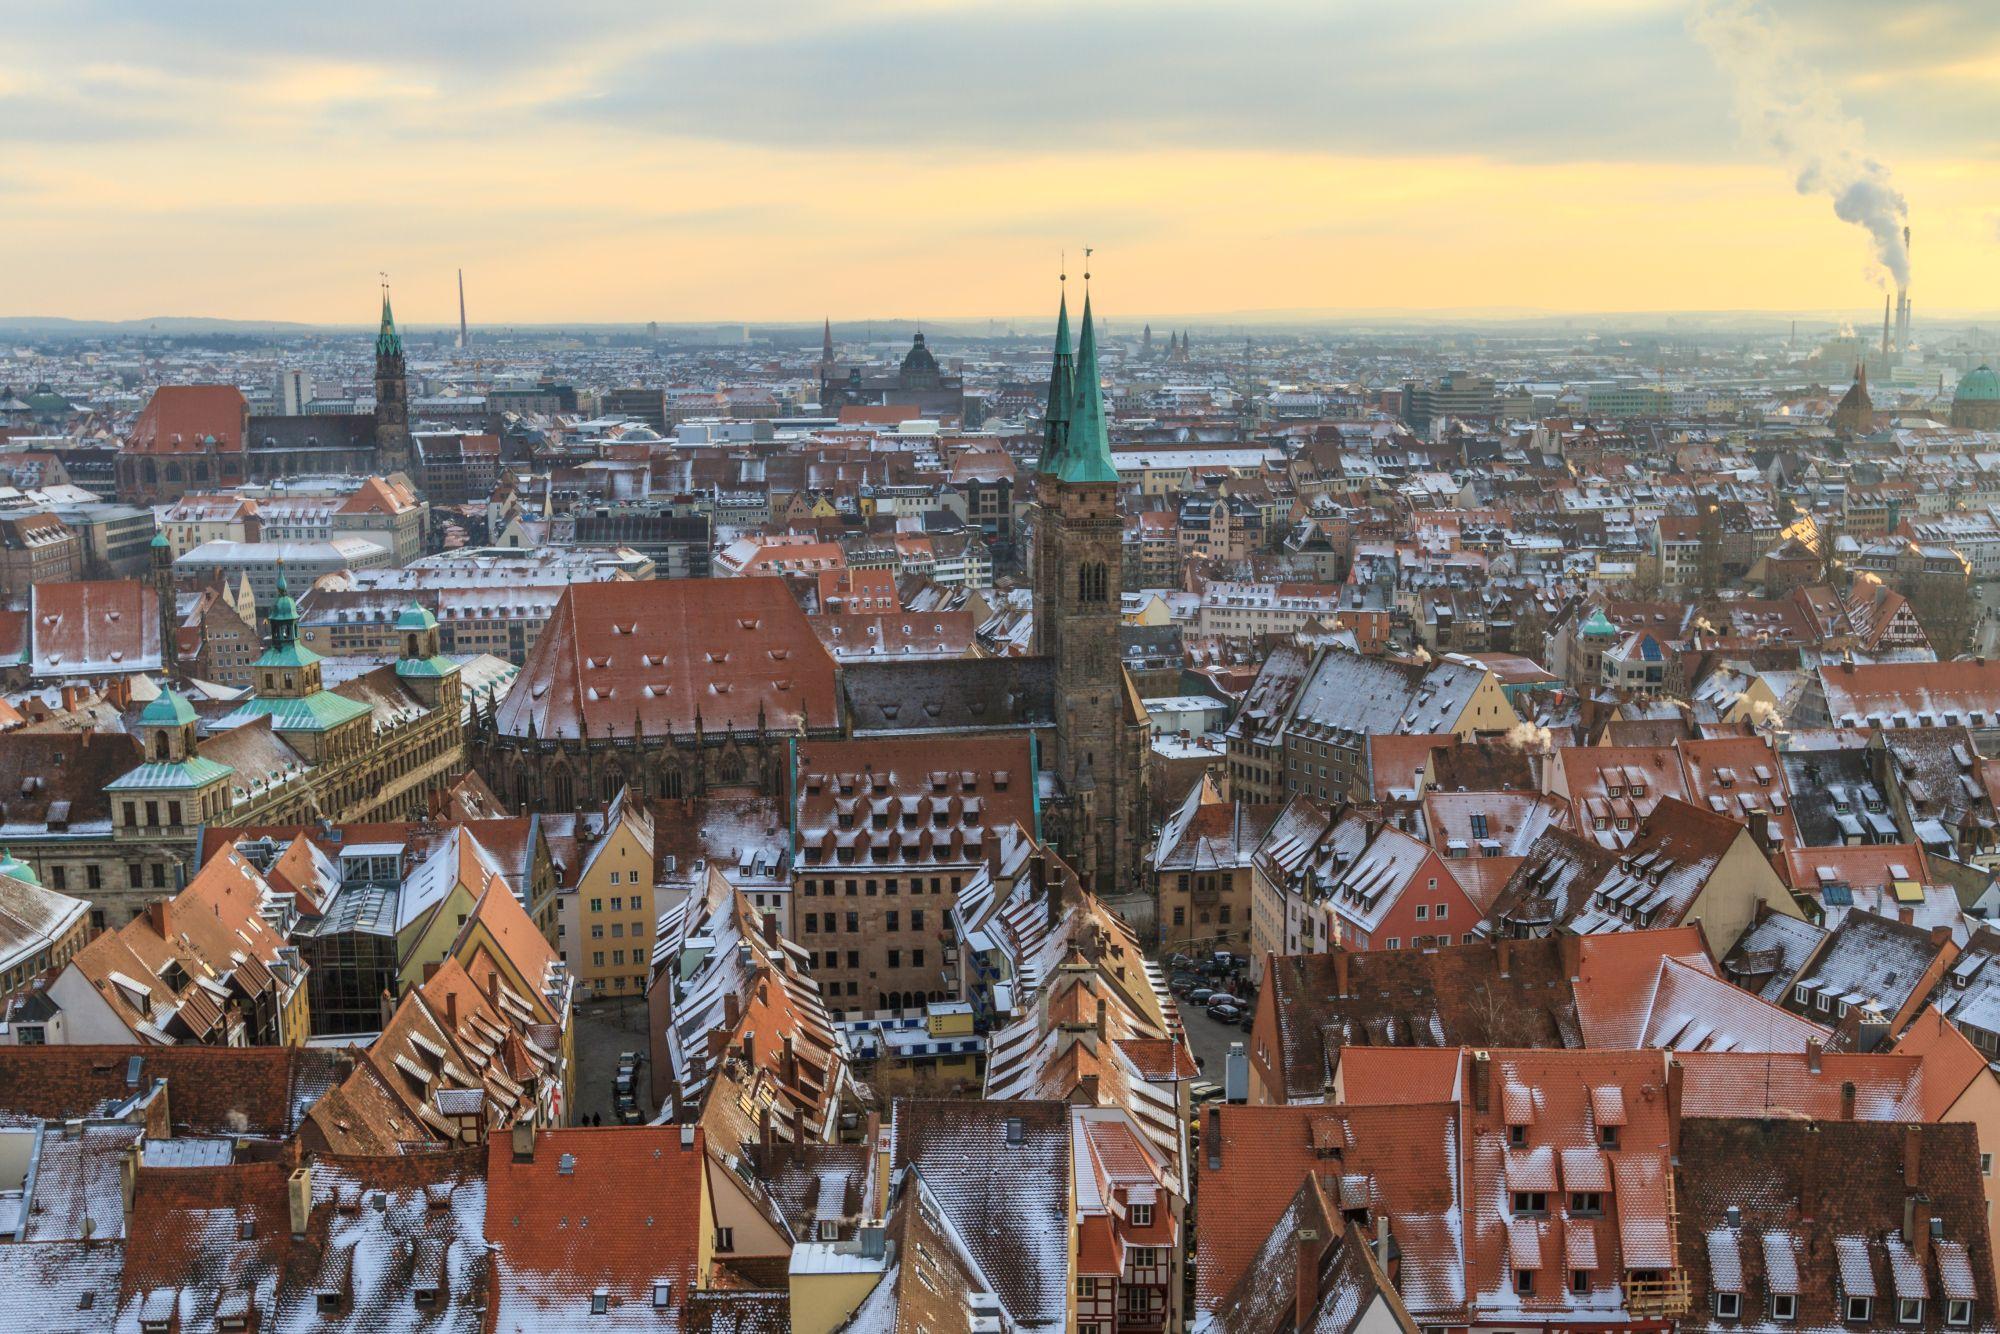 Norymberga widok miasta